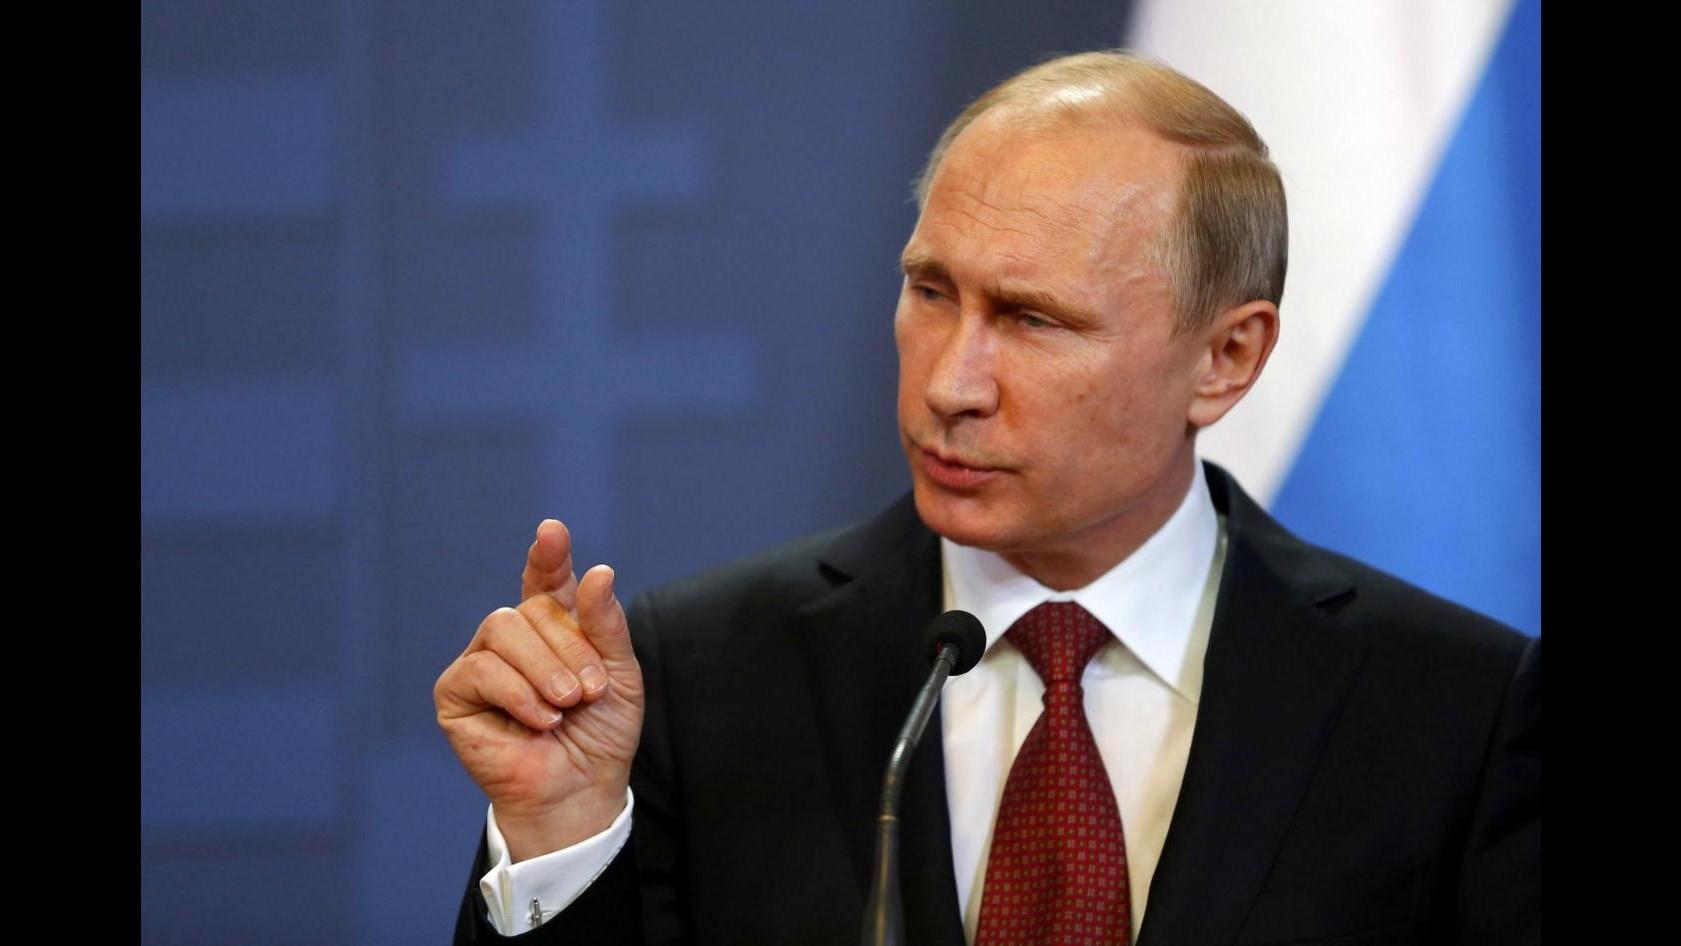 Ucraina, Londra: Rischio Putin anche per Paesi Baltico, Nato sia pronta